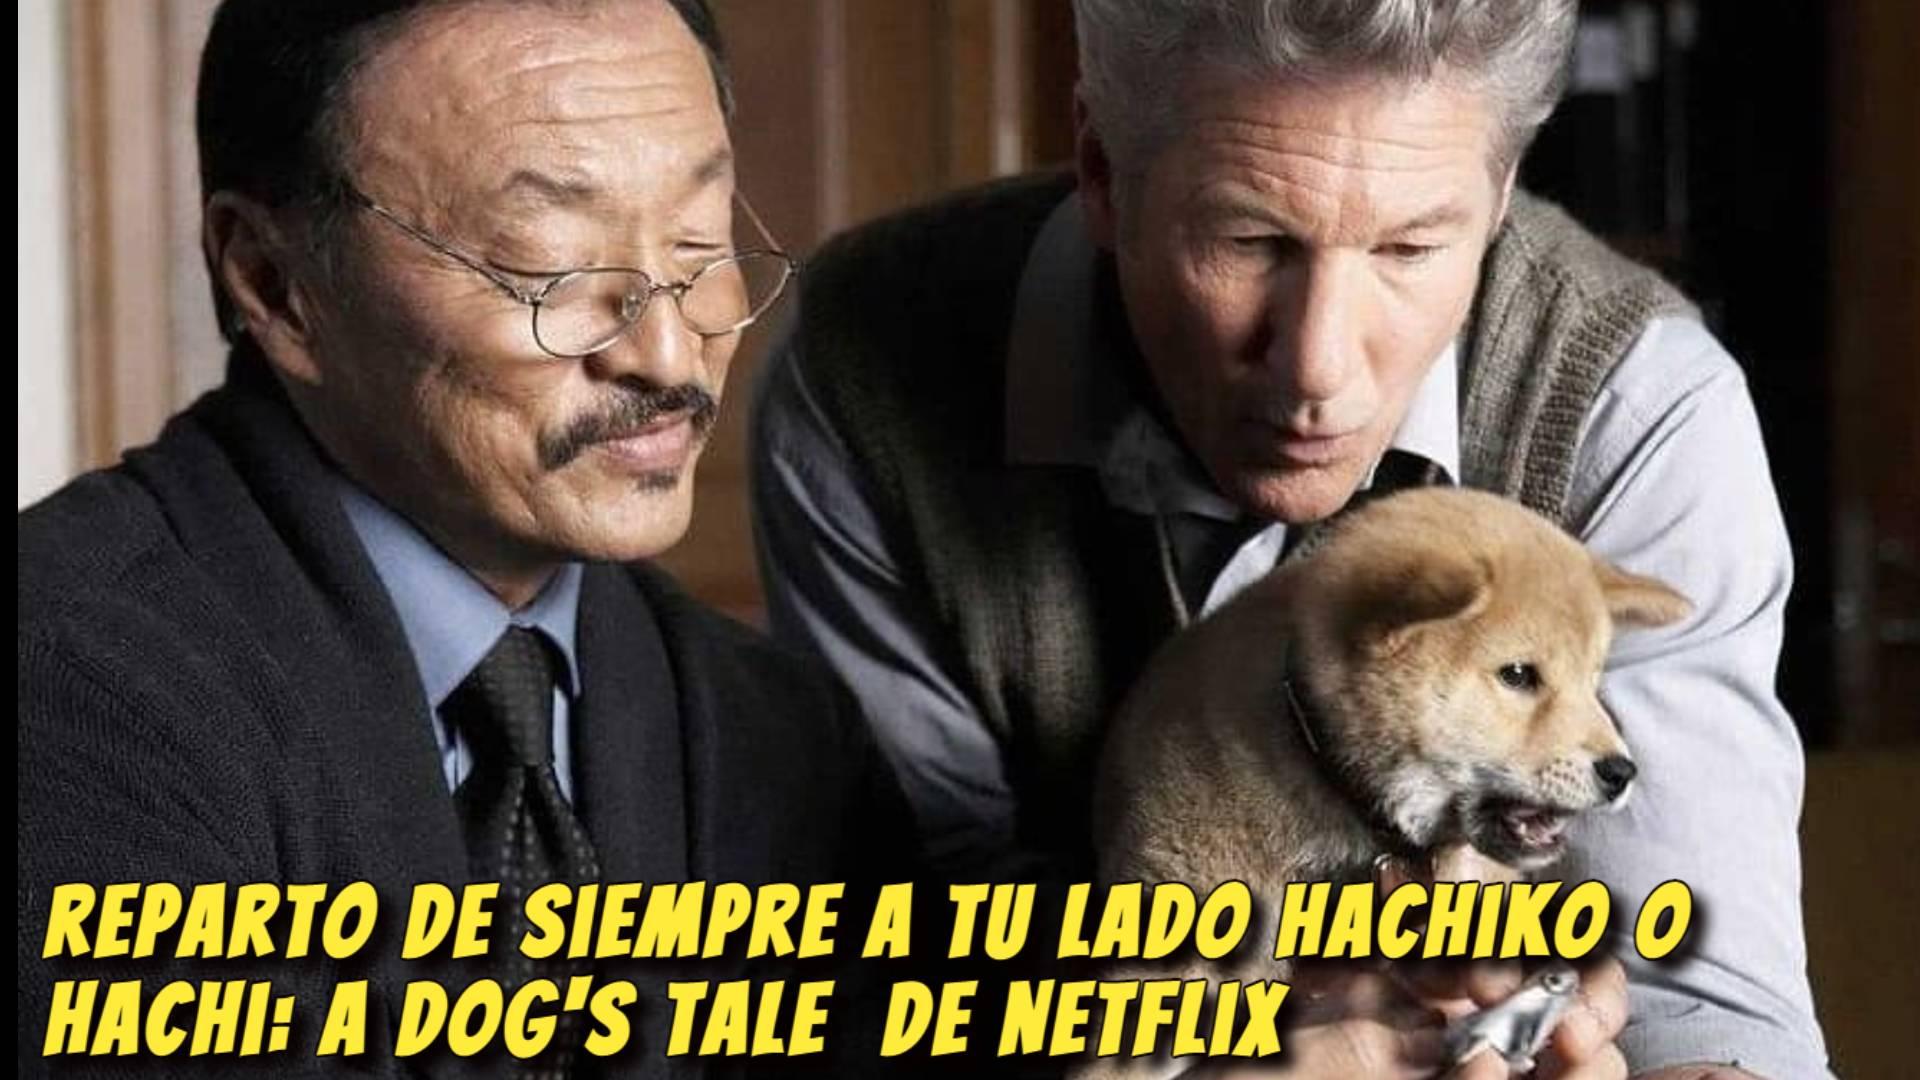 Reparto de Siempre a tu lado Hachiko o Hachi: A Dog's Tale de Netflix